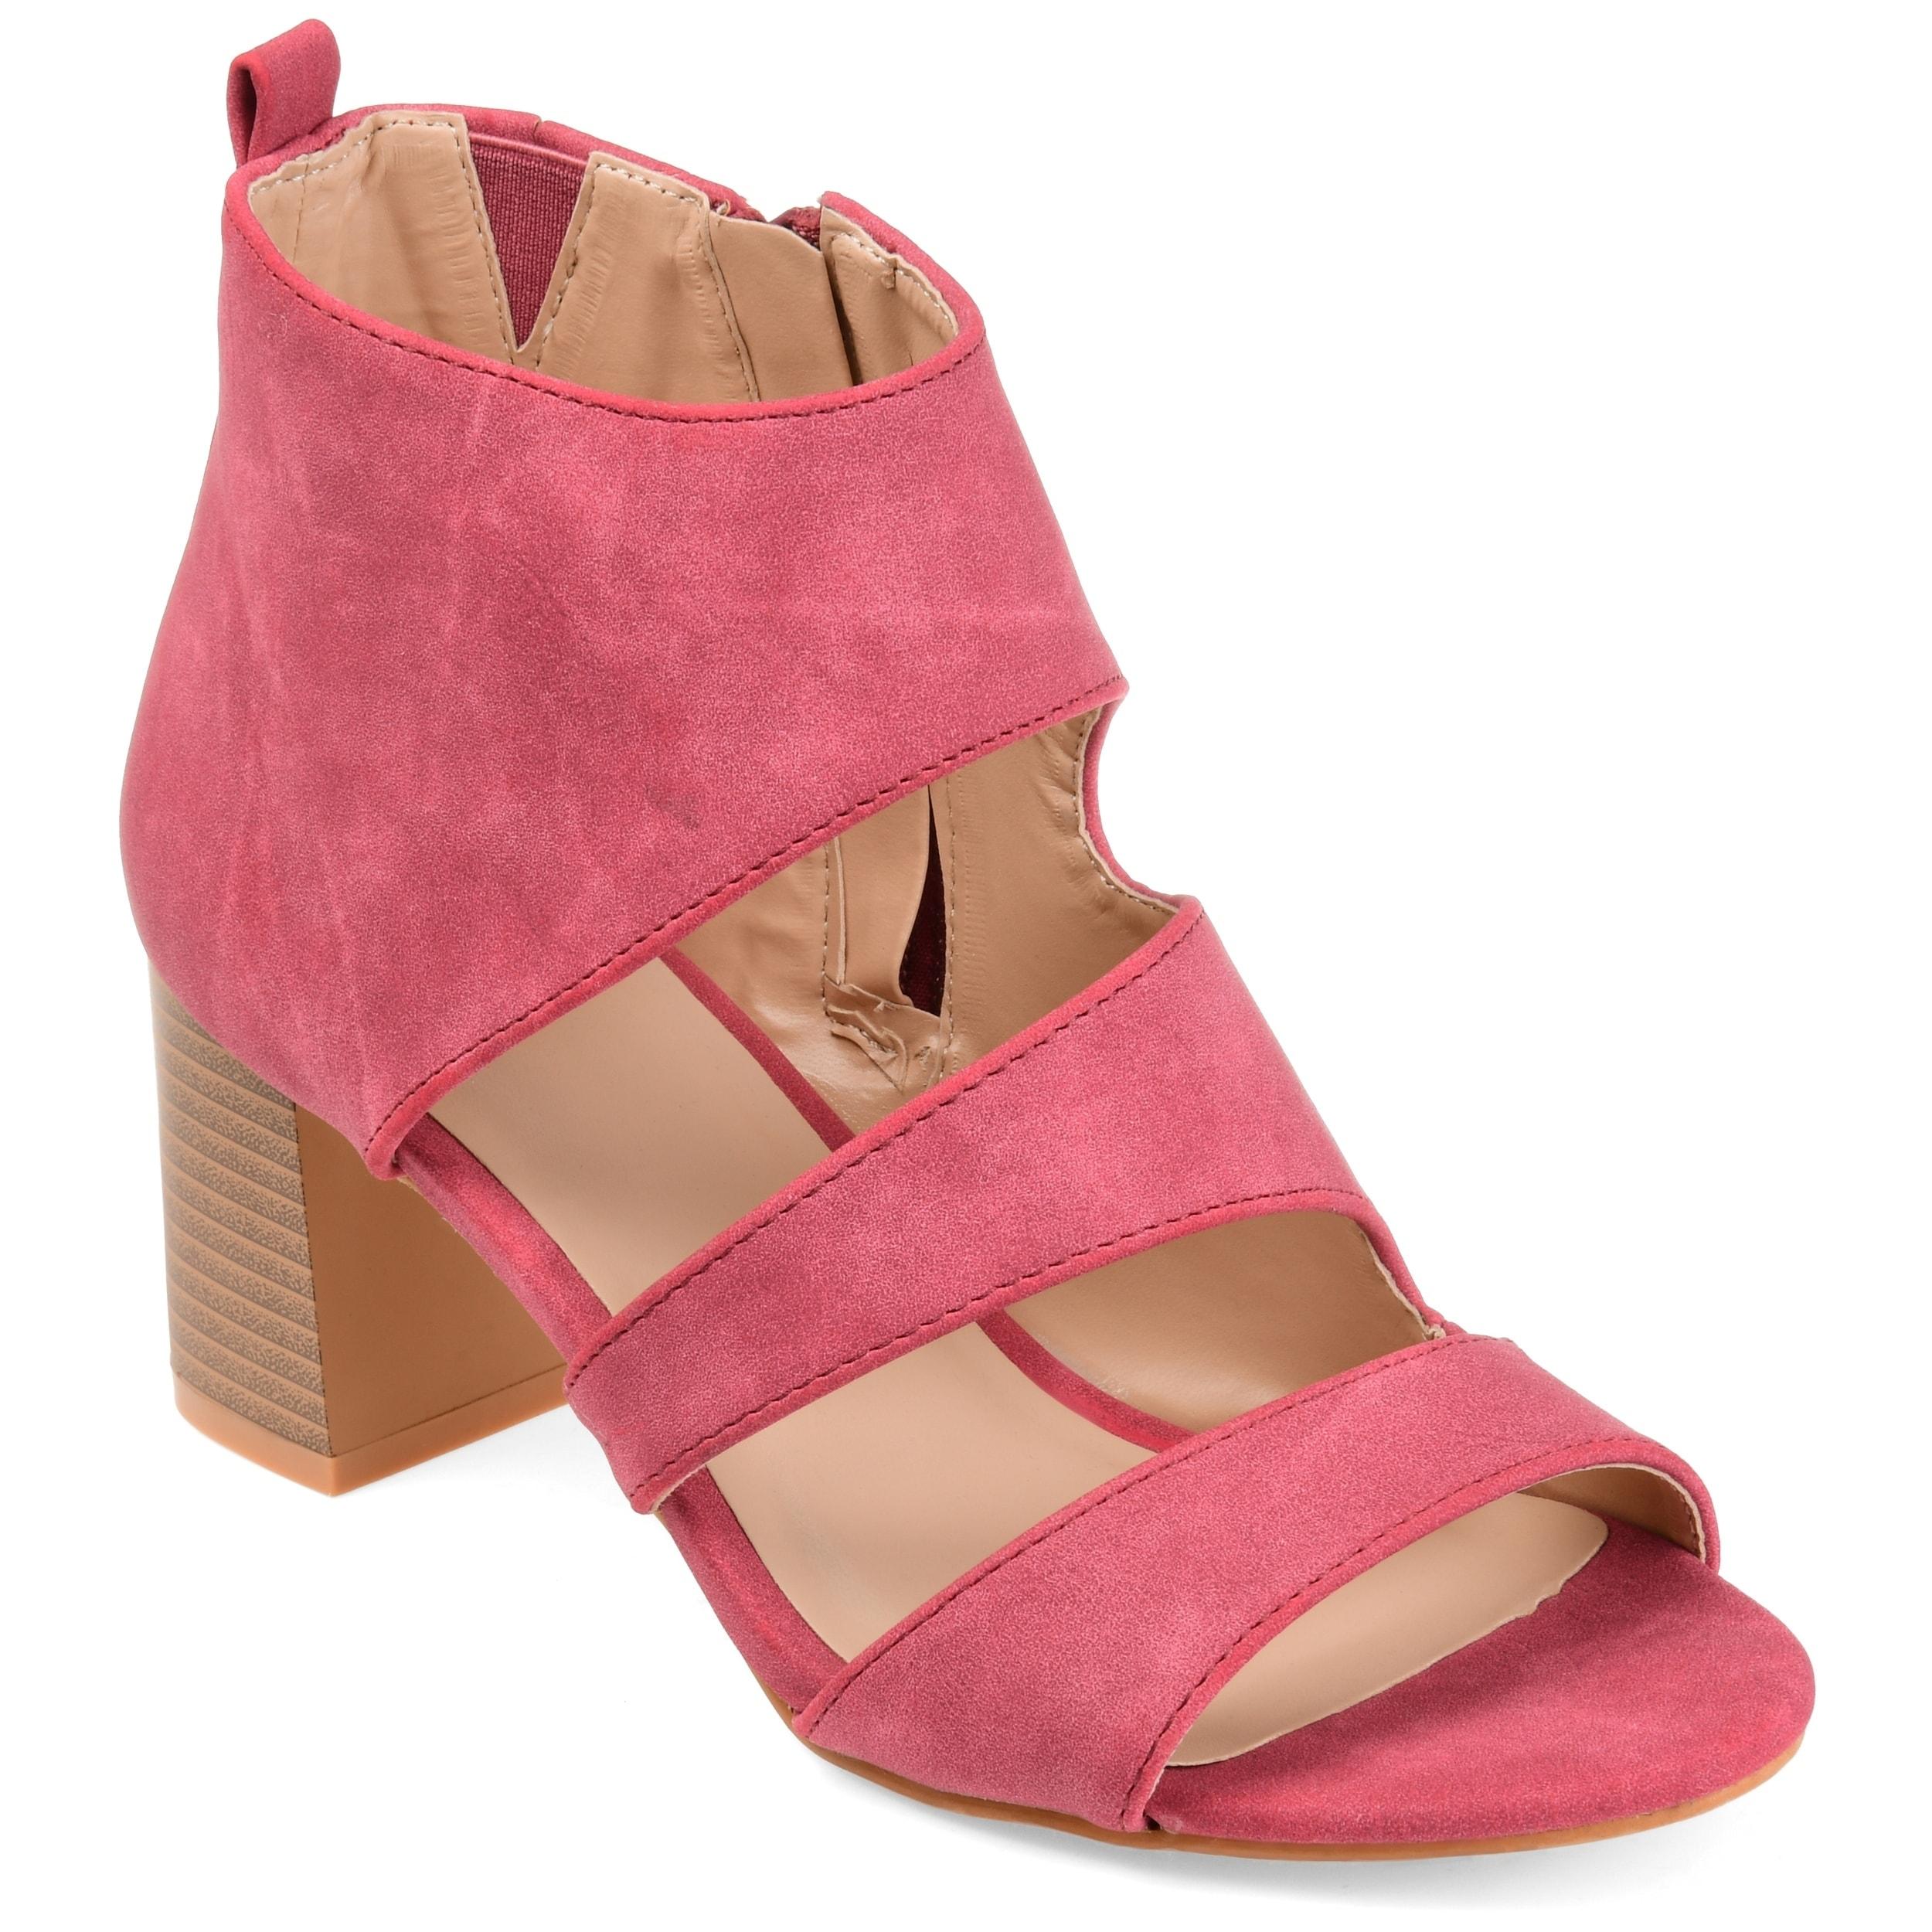 Journee Collection Women's Women's Women's 'Juniper' Open-toe Side-zip Stacked Heel Sandals 9a9aef